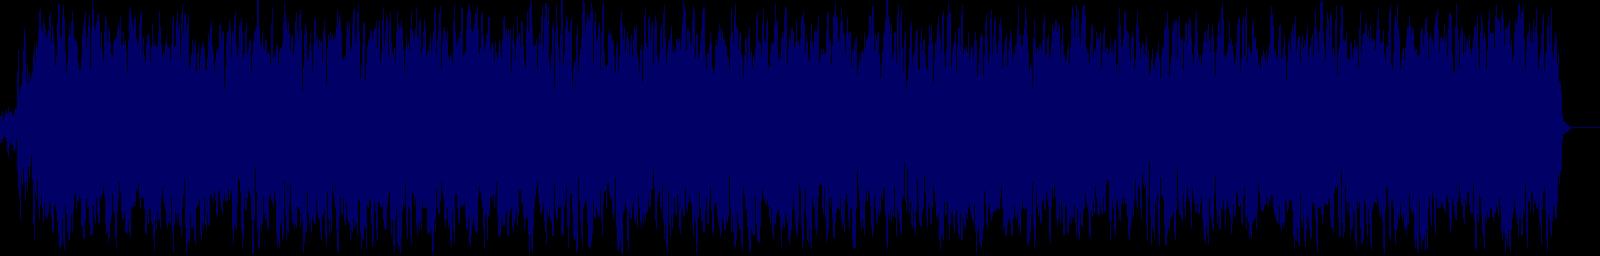 waveform of track #131863